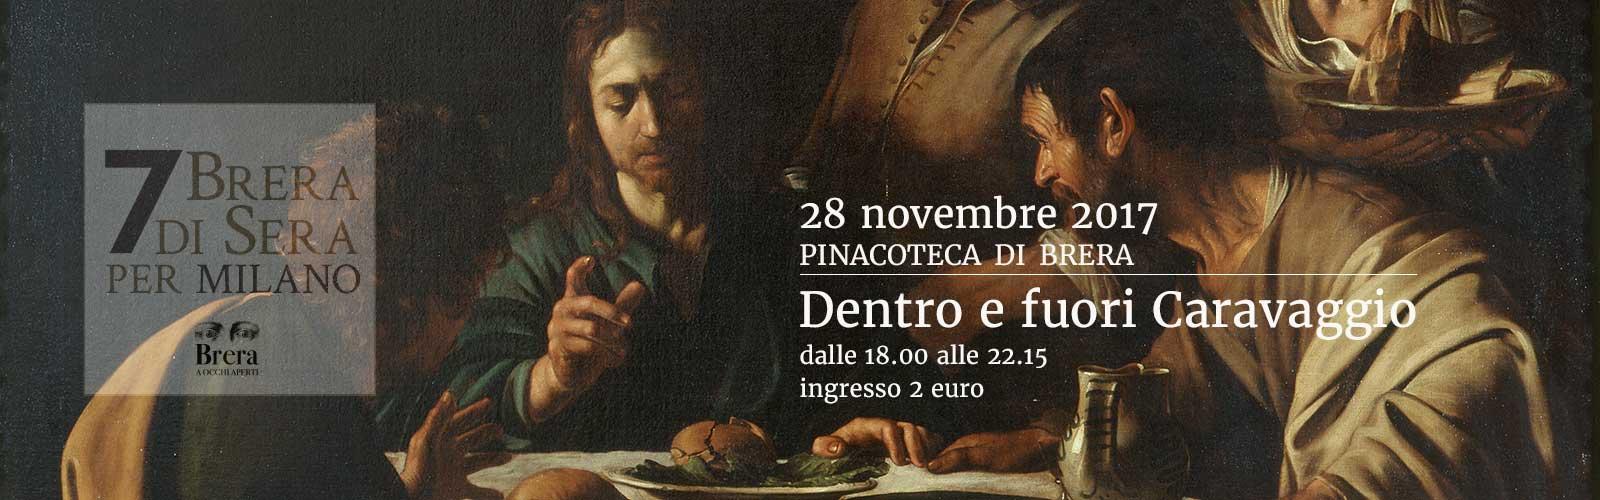 Dentro e fuori Caravaggio